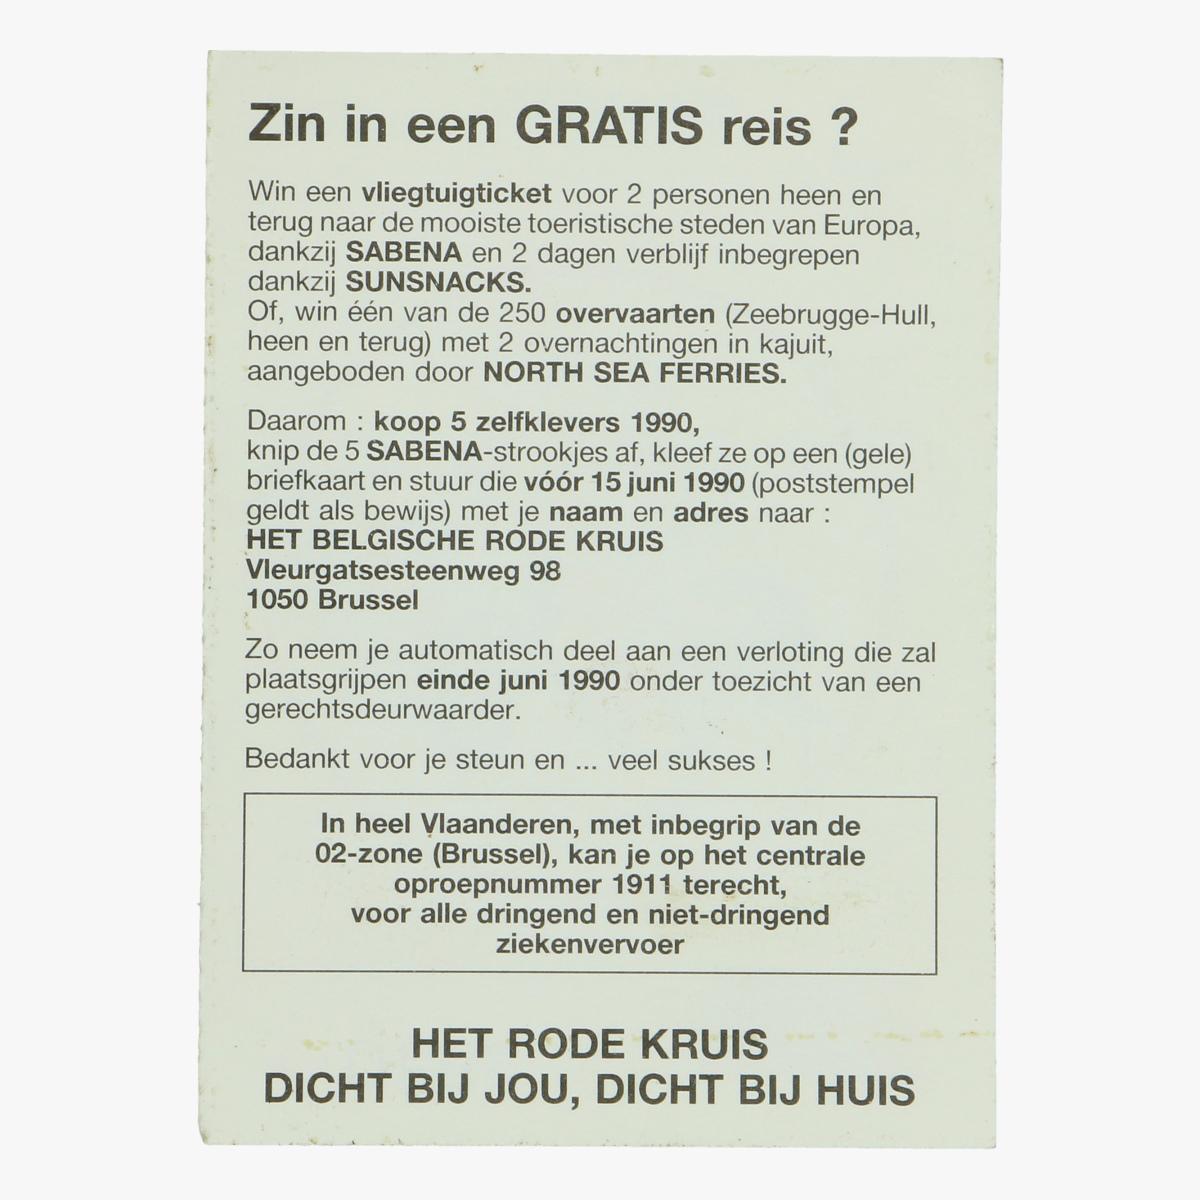 Afbeeldingen van sticker roger rabit disney, sabena, het belgische rode kruis 1990